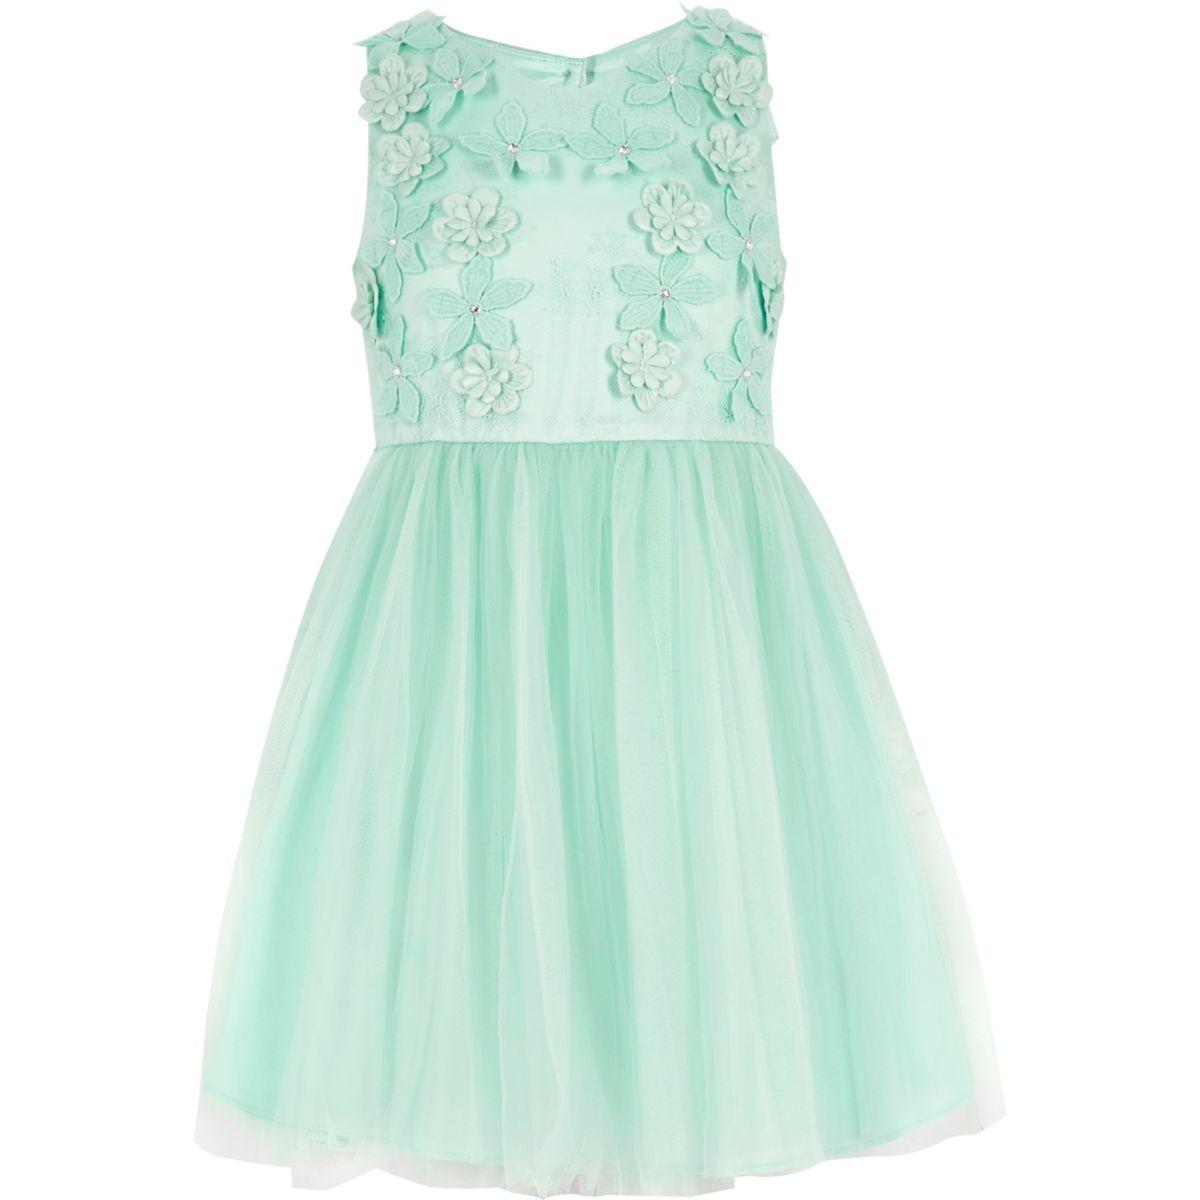 Girls green floral embellished prom dress